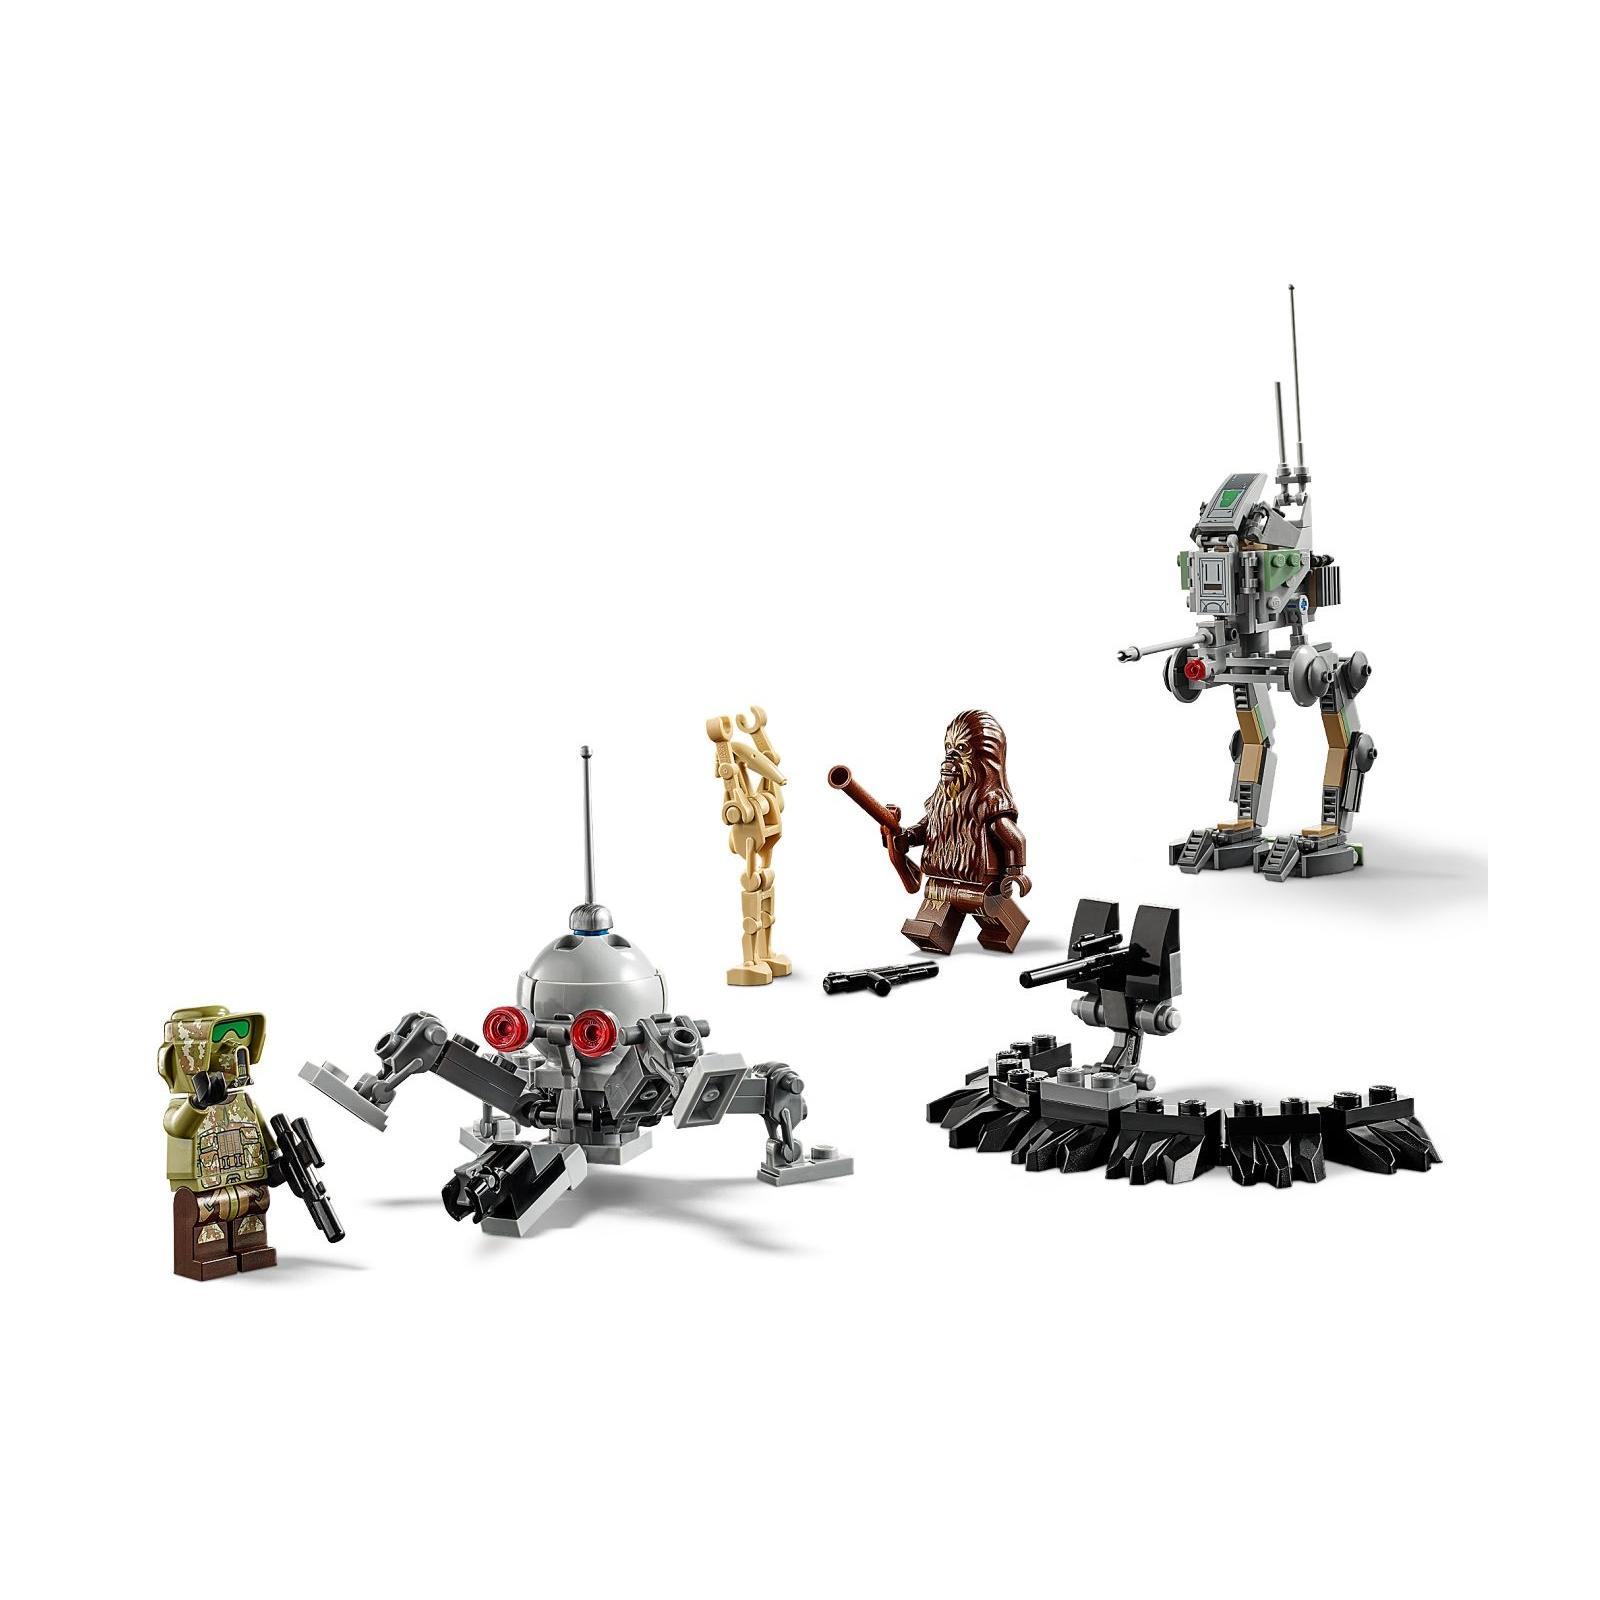 Конструктор LEGO Star Wars Шагоход-разведчик клонов (75261) изображение 4